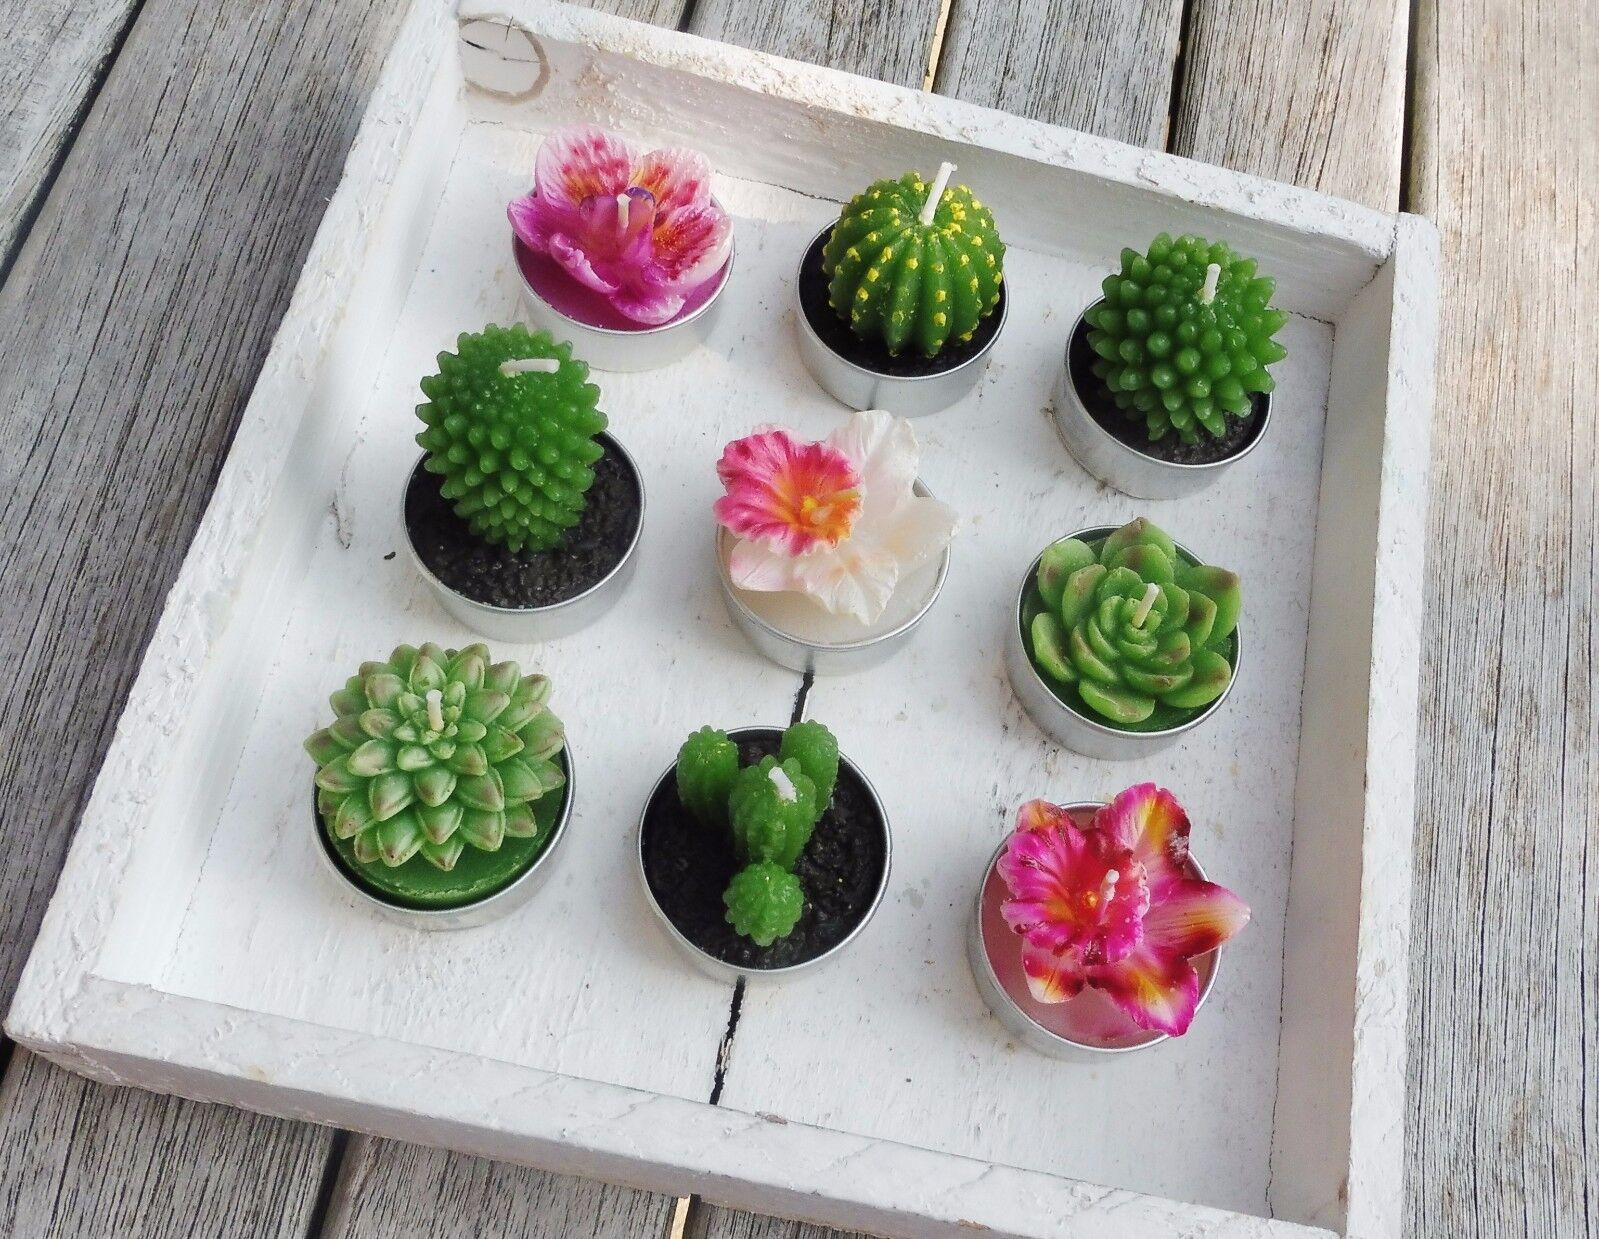 Teelicht Kerze Kaktus, Lotus, Aloe Vera, Orchidee, Malve Deko